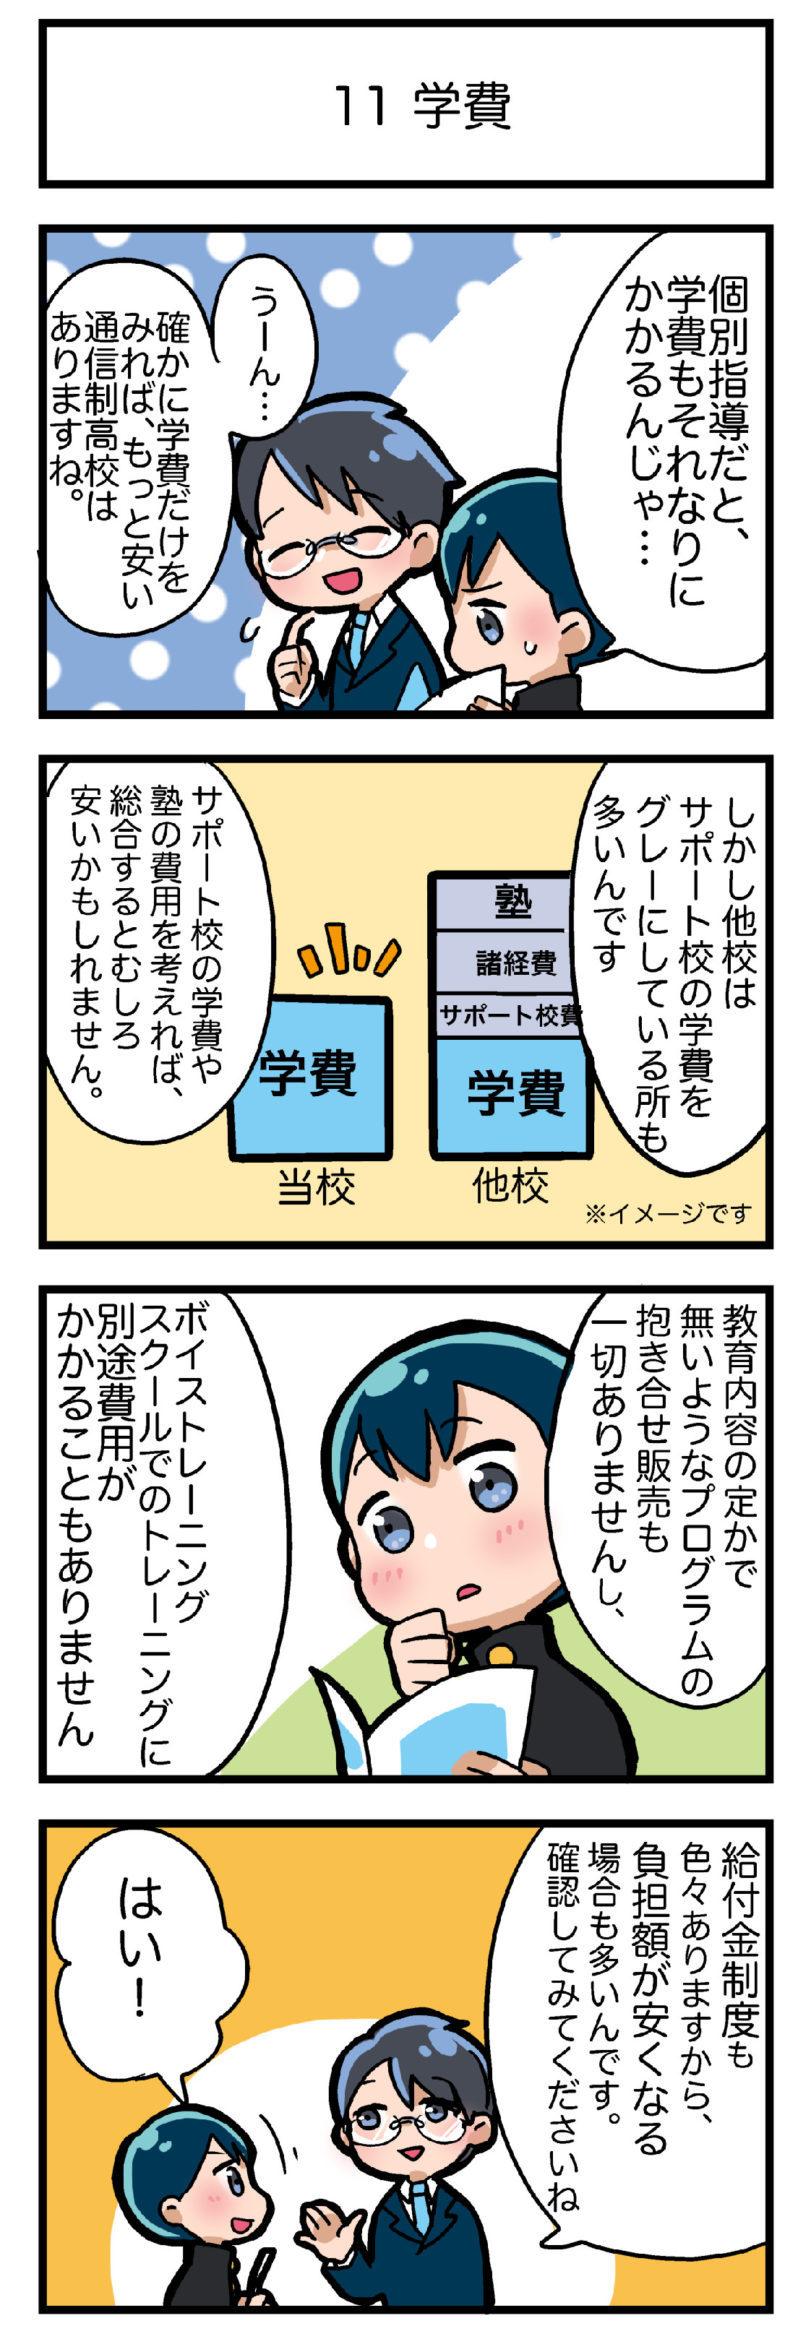 通信制高校・東京ボイス校の学費は高いのか安いのか